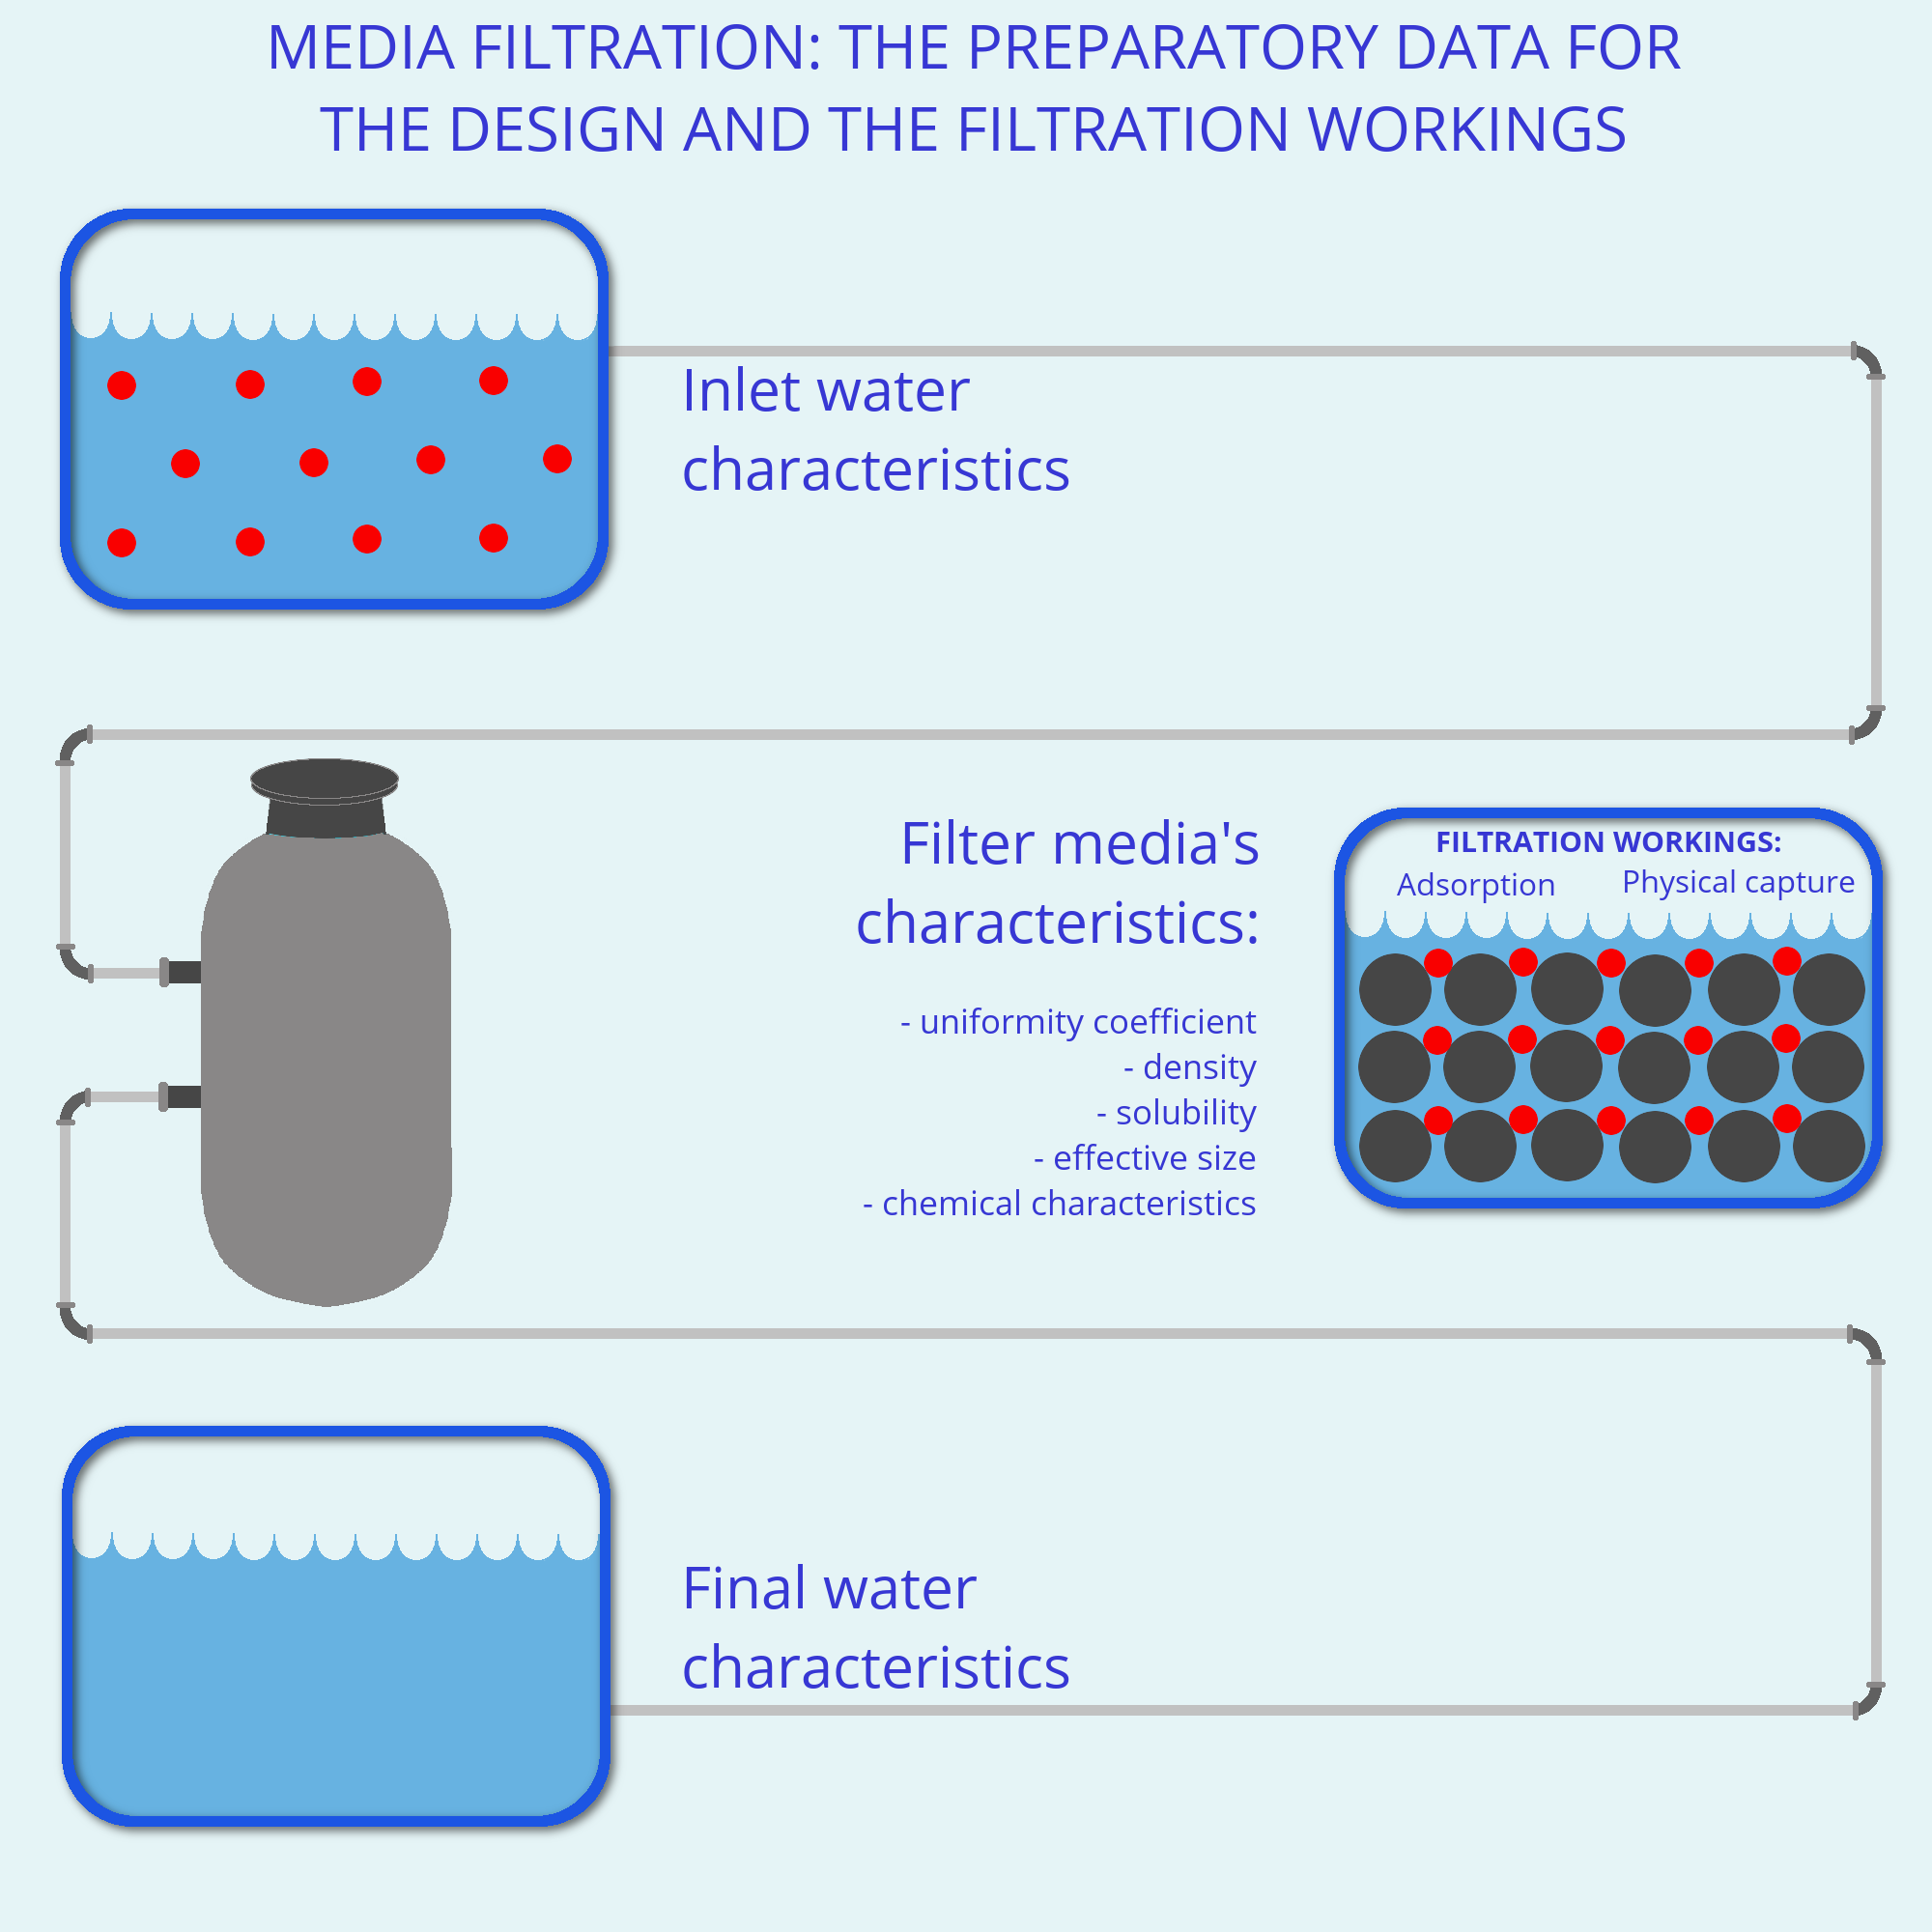 infografica_EN_media